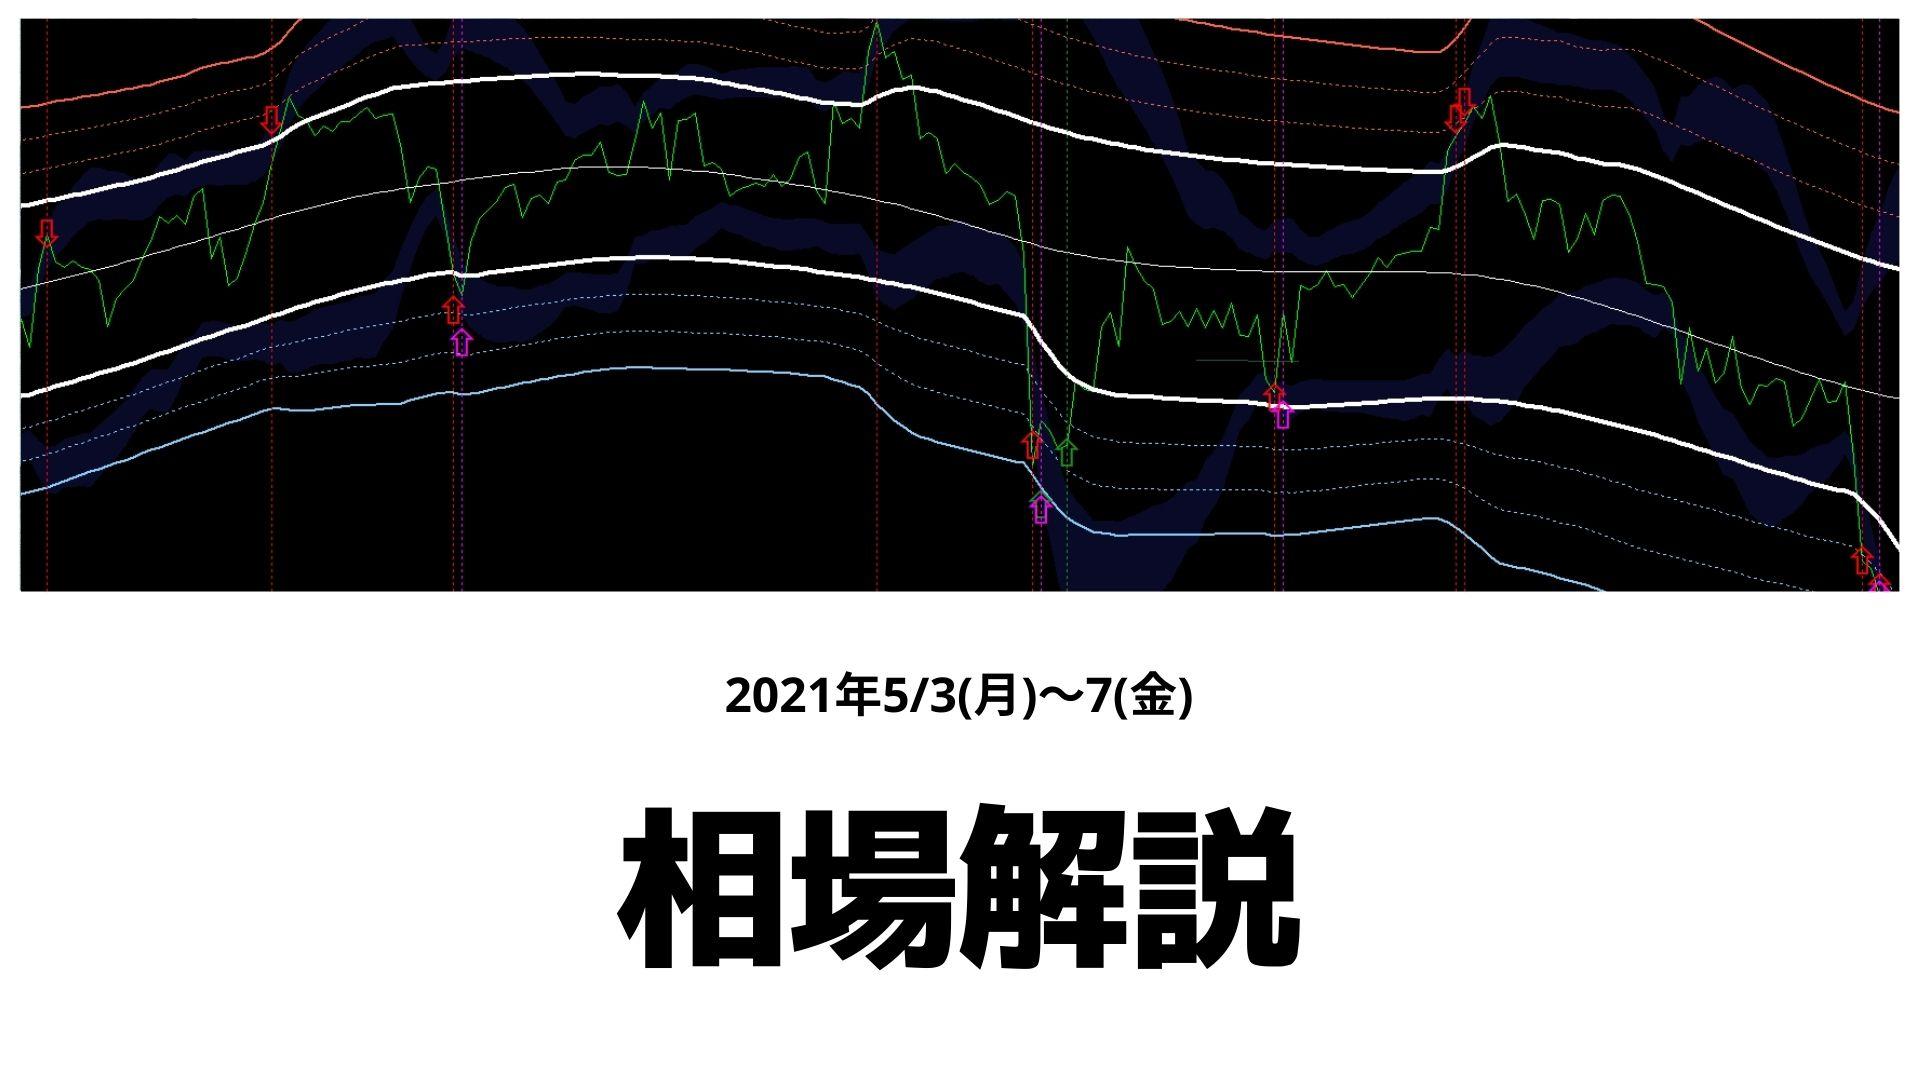 【相場解説】5/3(月)~7(金)